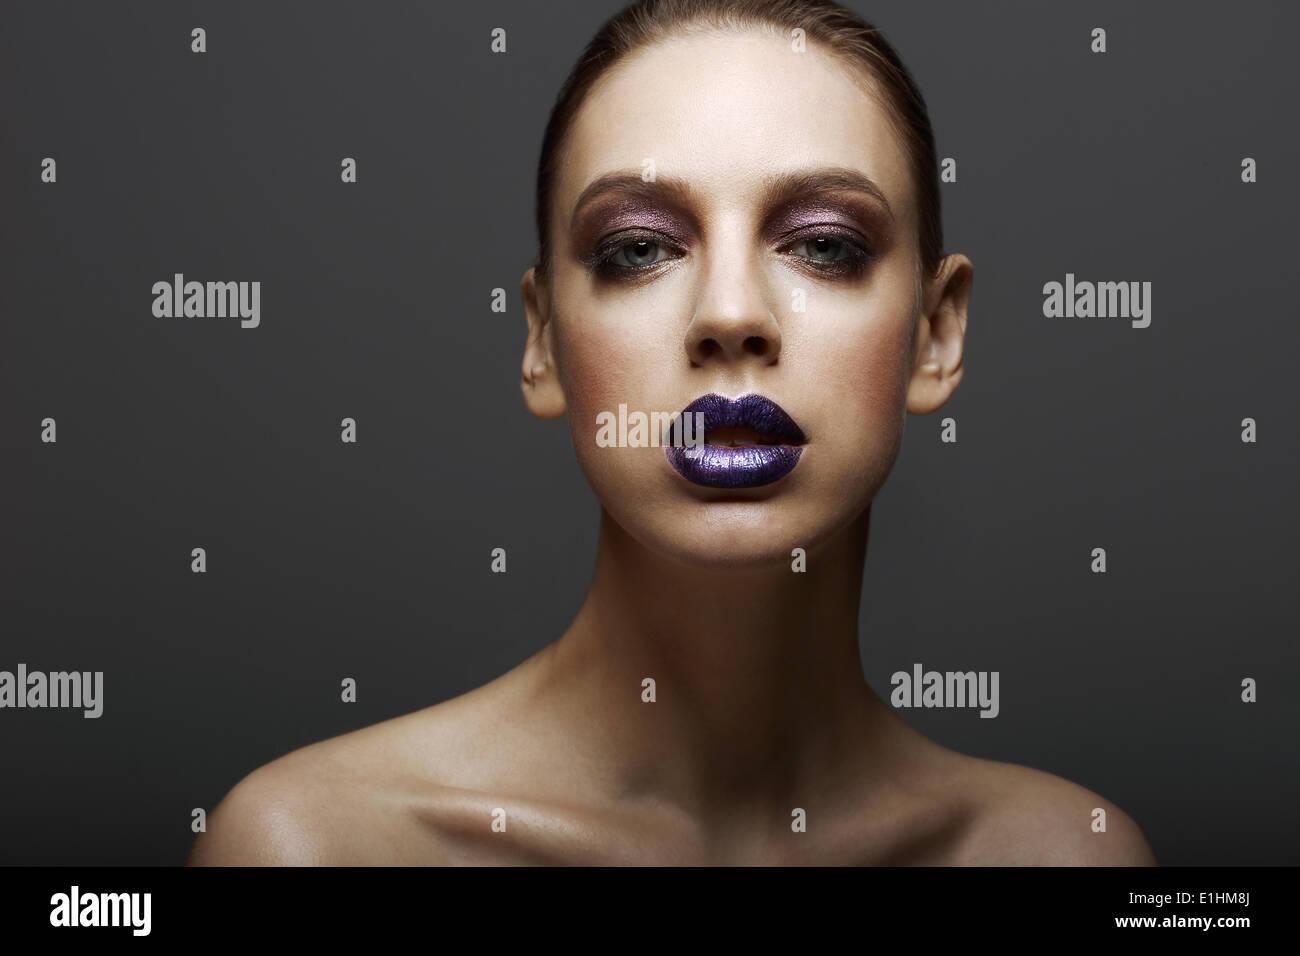 Glam. Edel, ehrgeizige Frau mit glänzenden hellen Make-up. Eleganz Stockbild